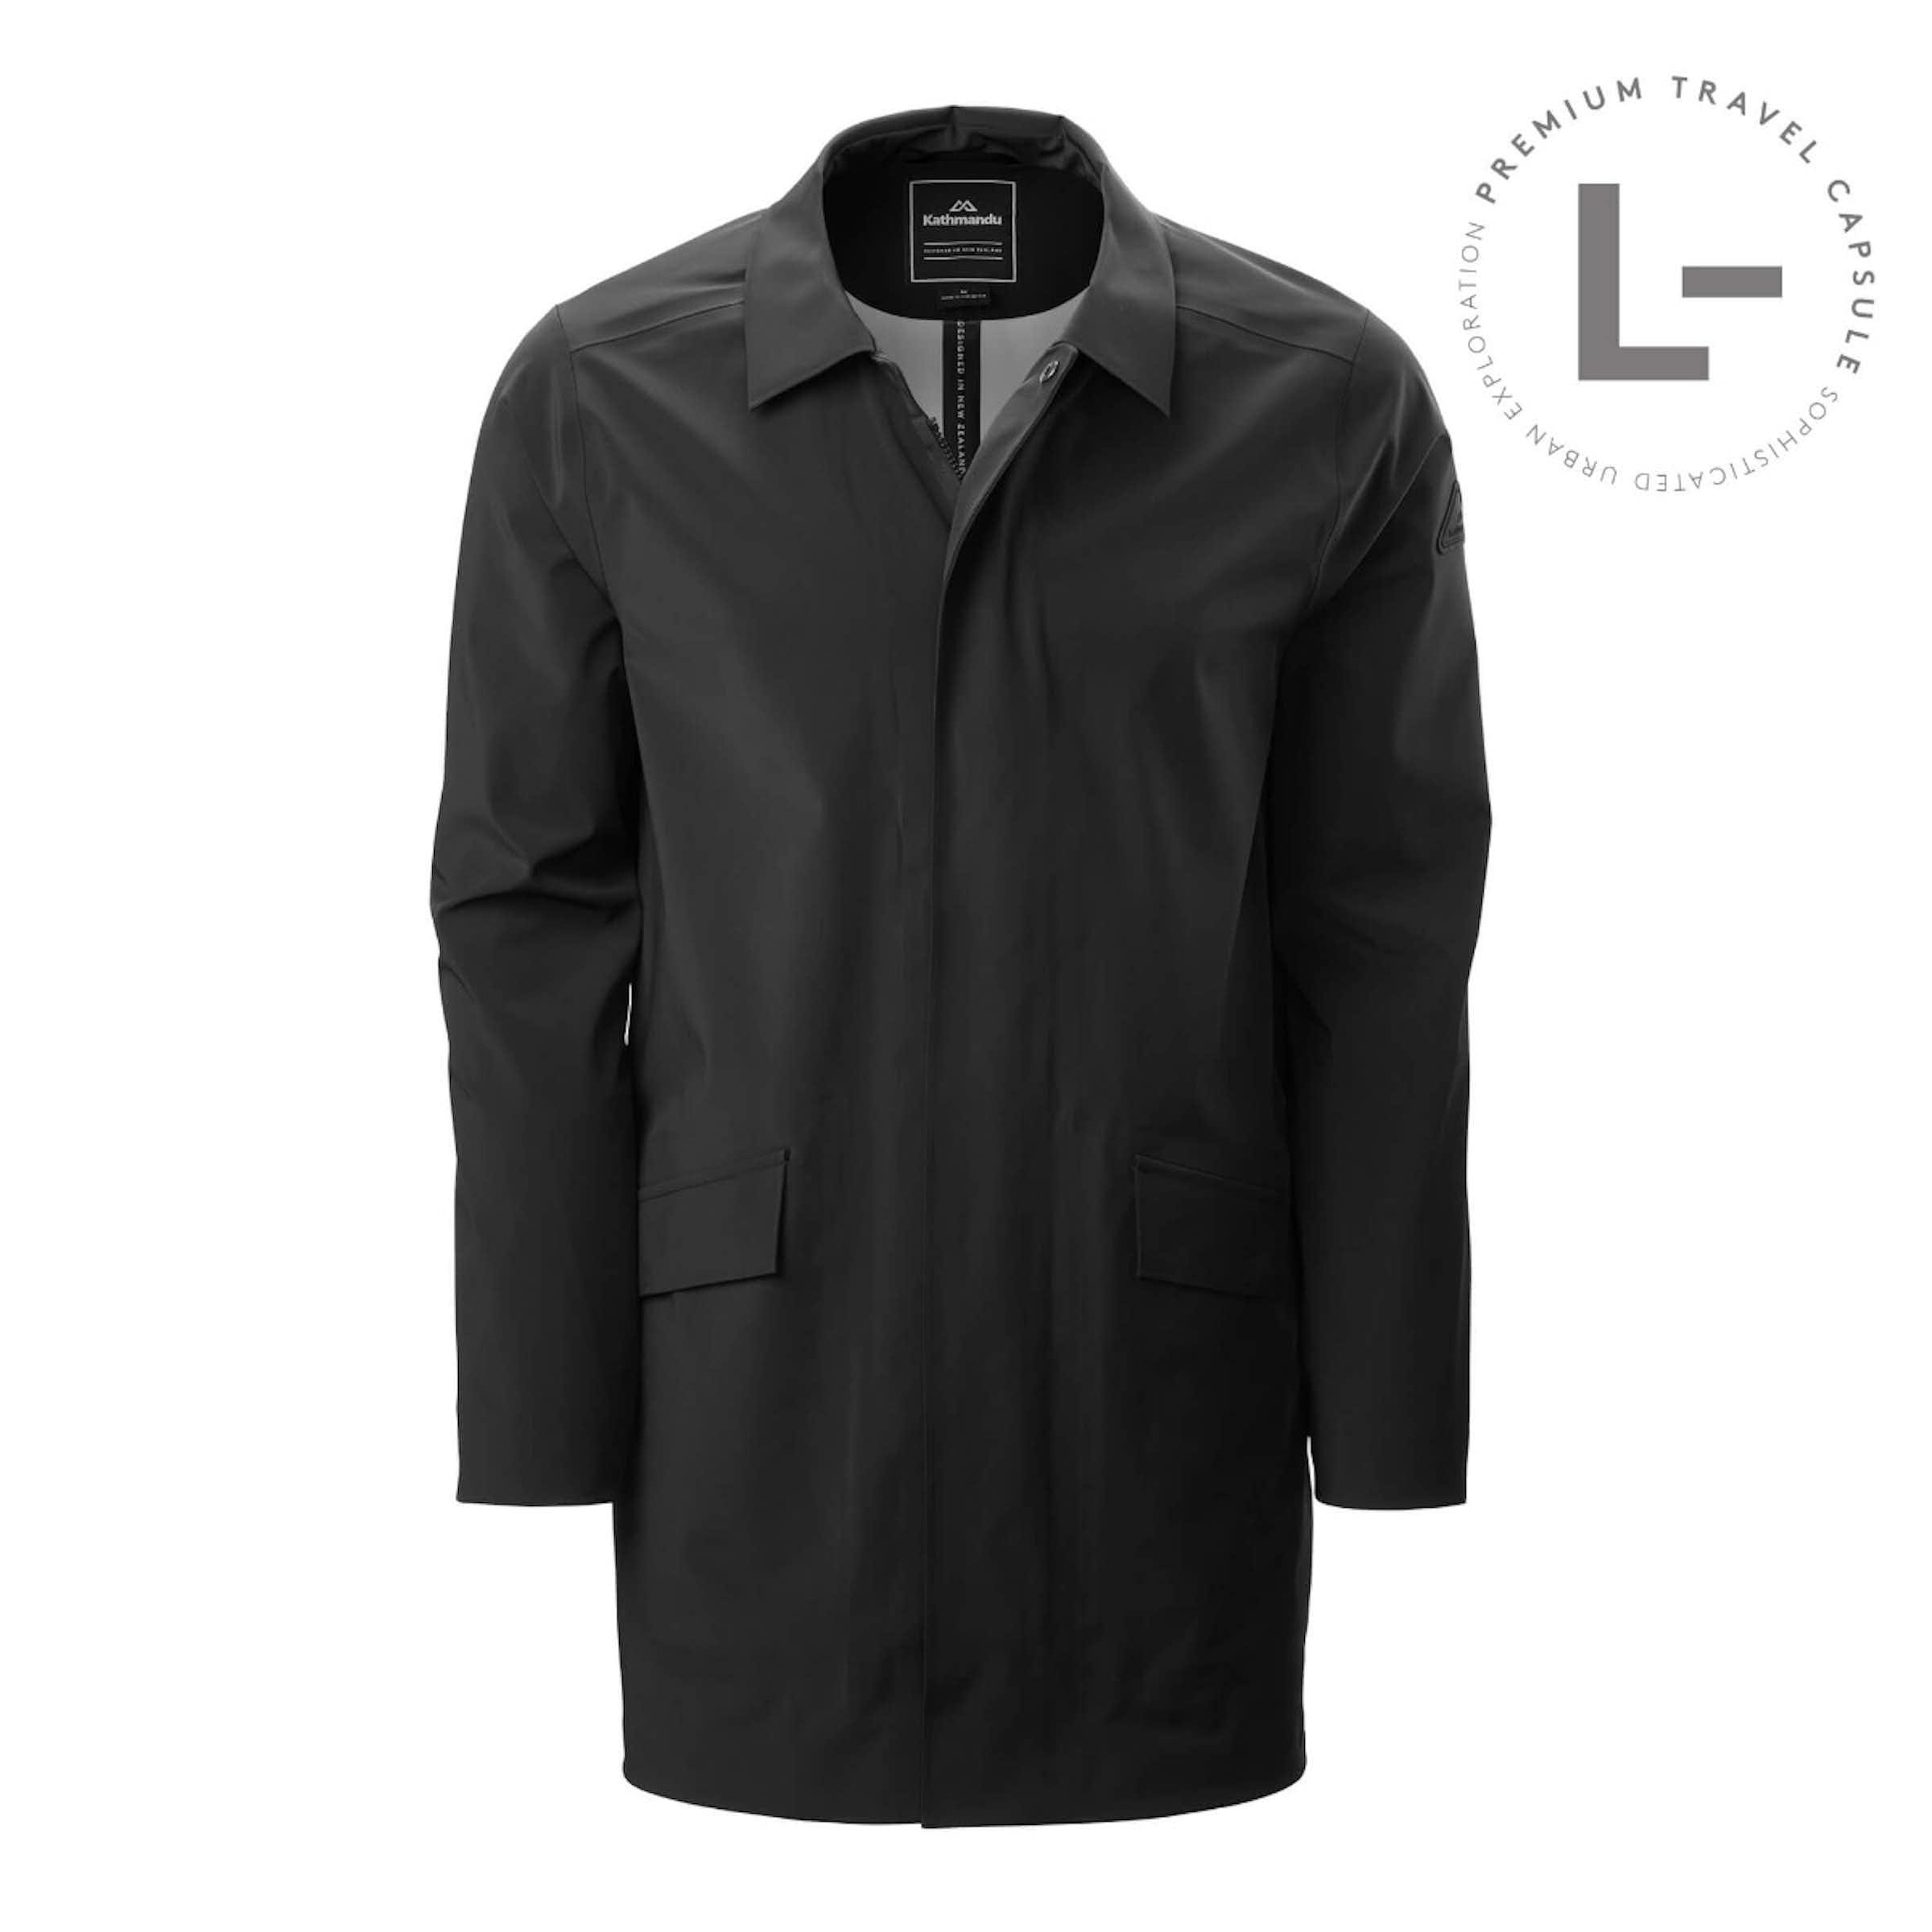 bcfdcd5da294a Men's Rain Jackets & Raincoats   Waterproof & Lightweight   NZ